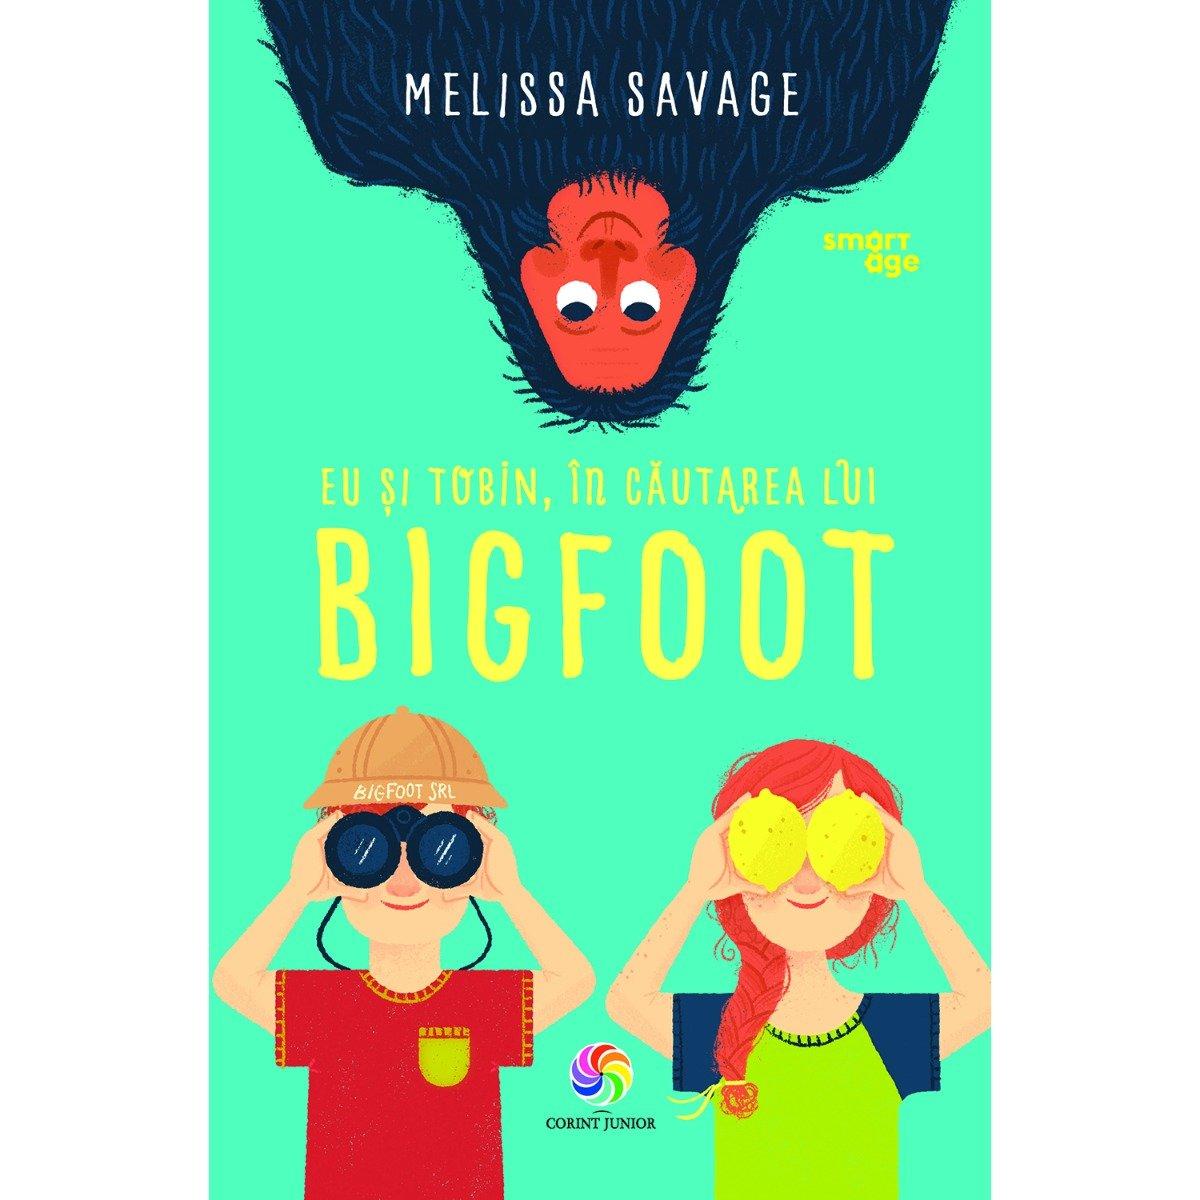 Carte Editura Corint, Eu si Tobin in cautarea lui Bigfoot, Melissa Savage